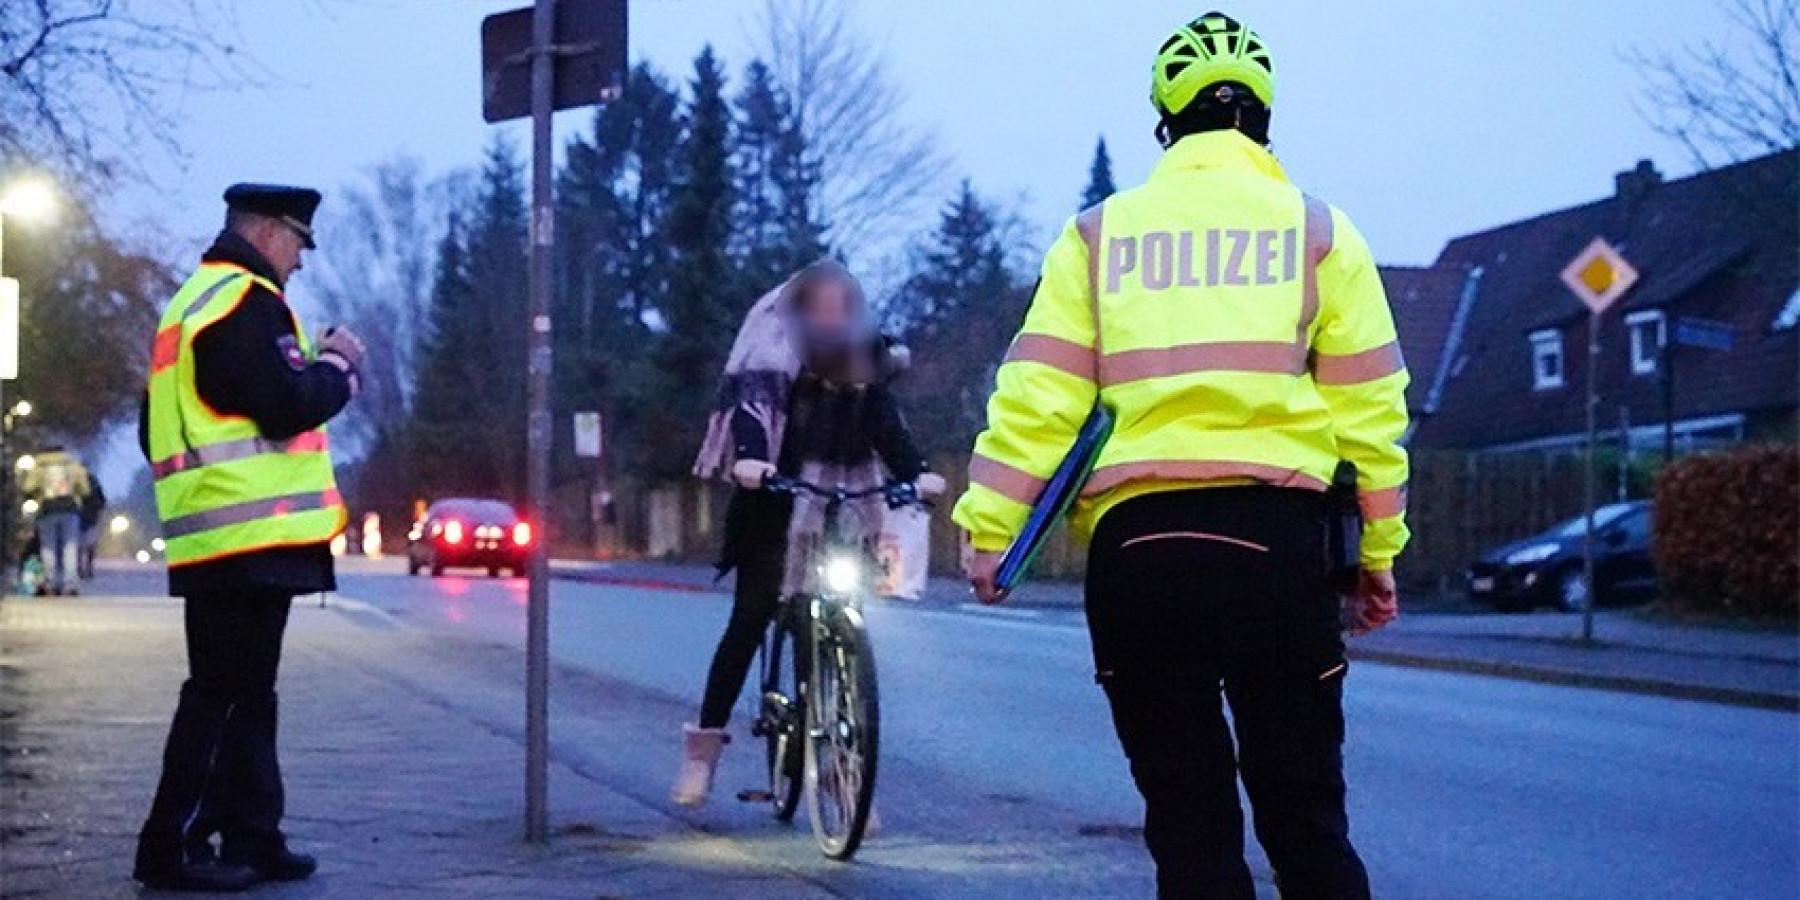 Schwerpunktaktion zur Verbesserung der Verkehrssicherheit von Radfahrern